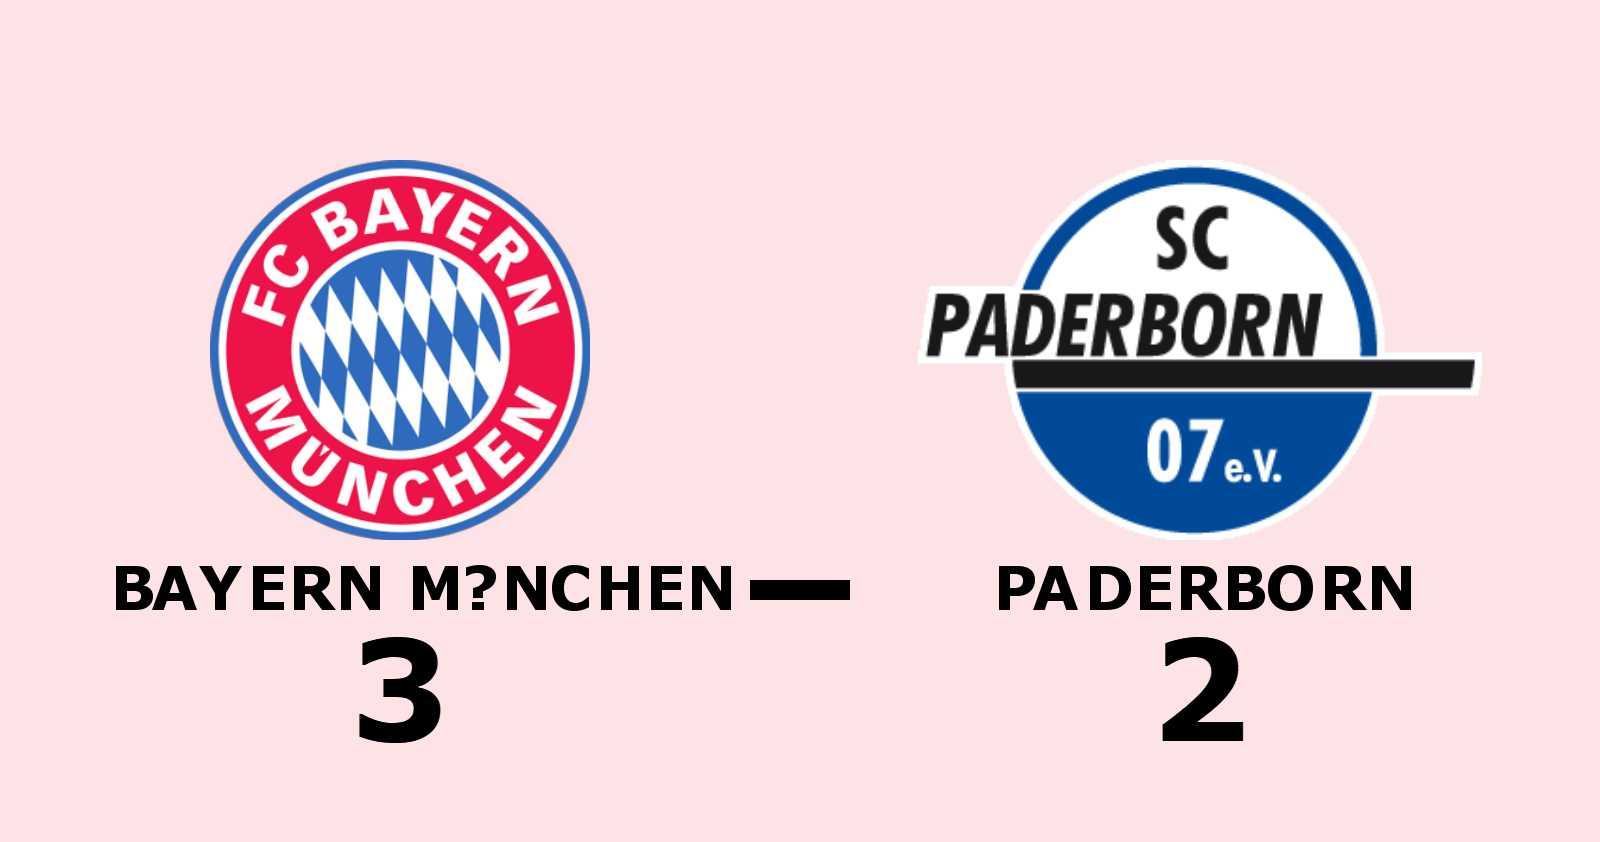 Bayern München svårslaget - nionde matchen i rad med poäng efter 3–2